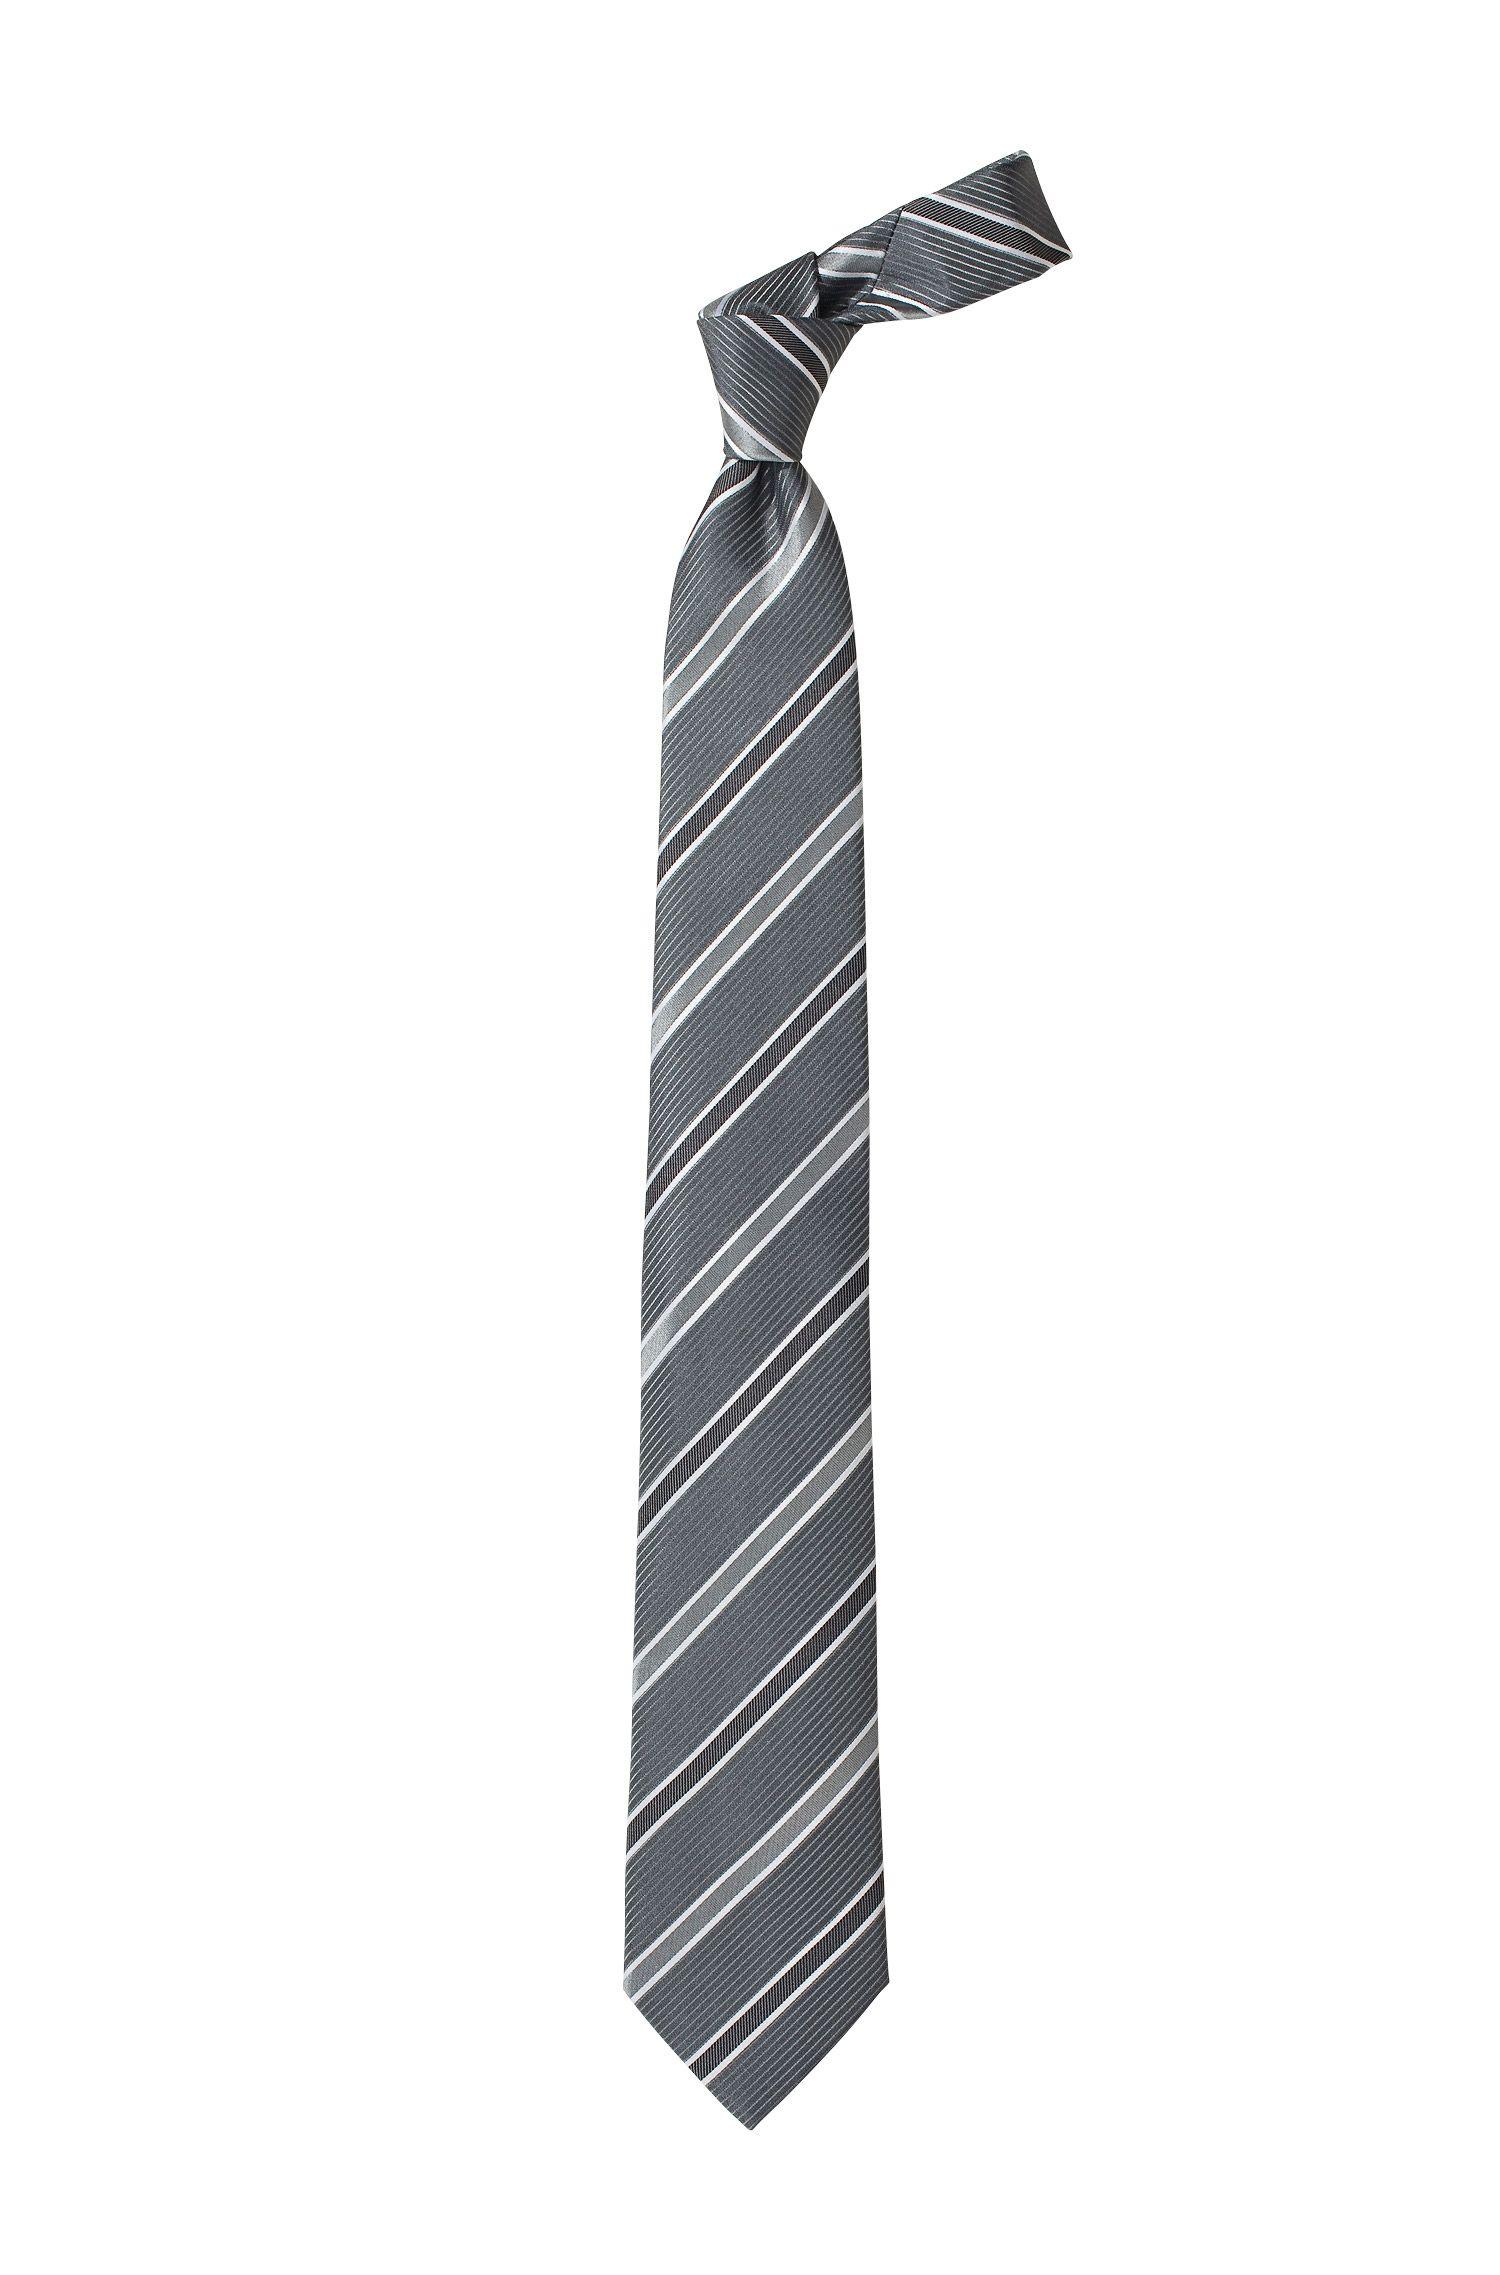 Travellerline Krawatte ´Tie 7,5 cm` aus Seide